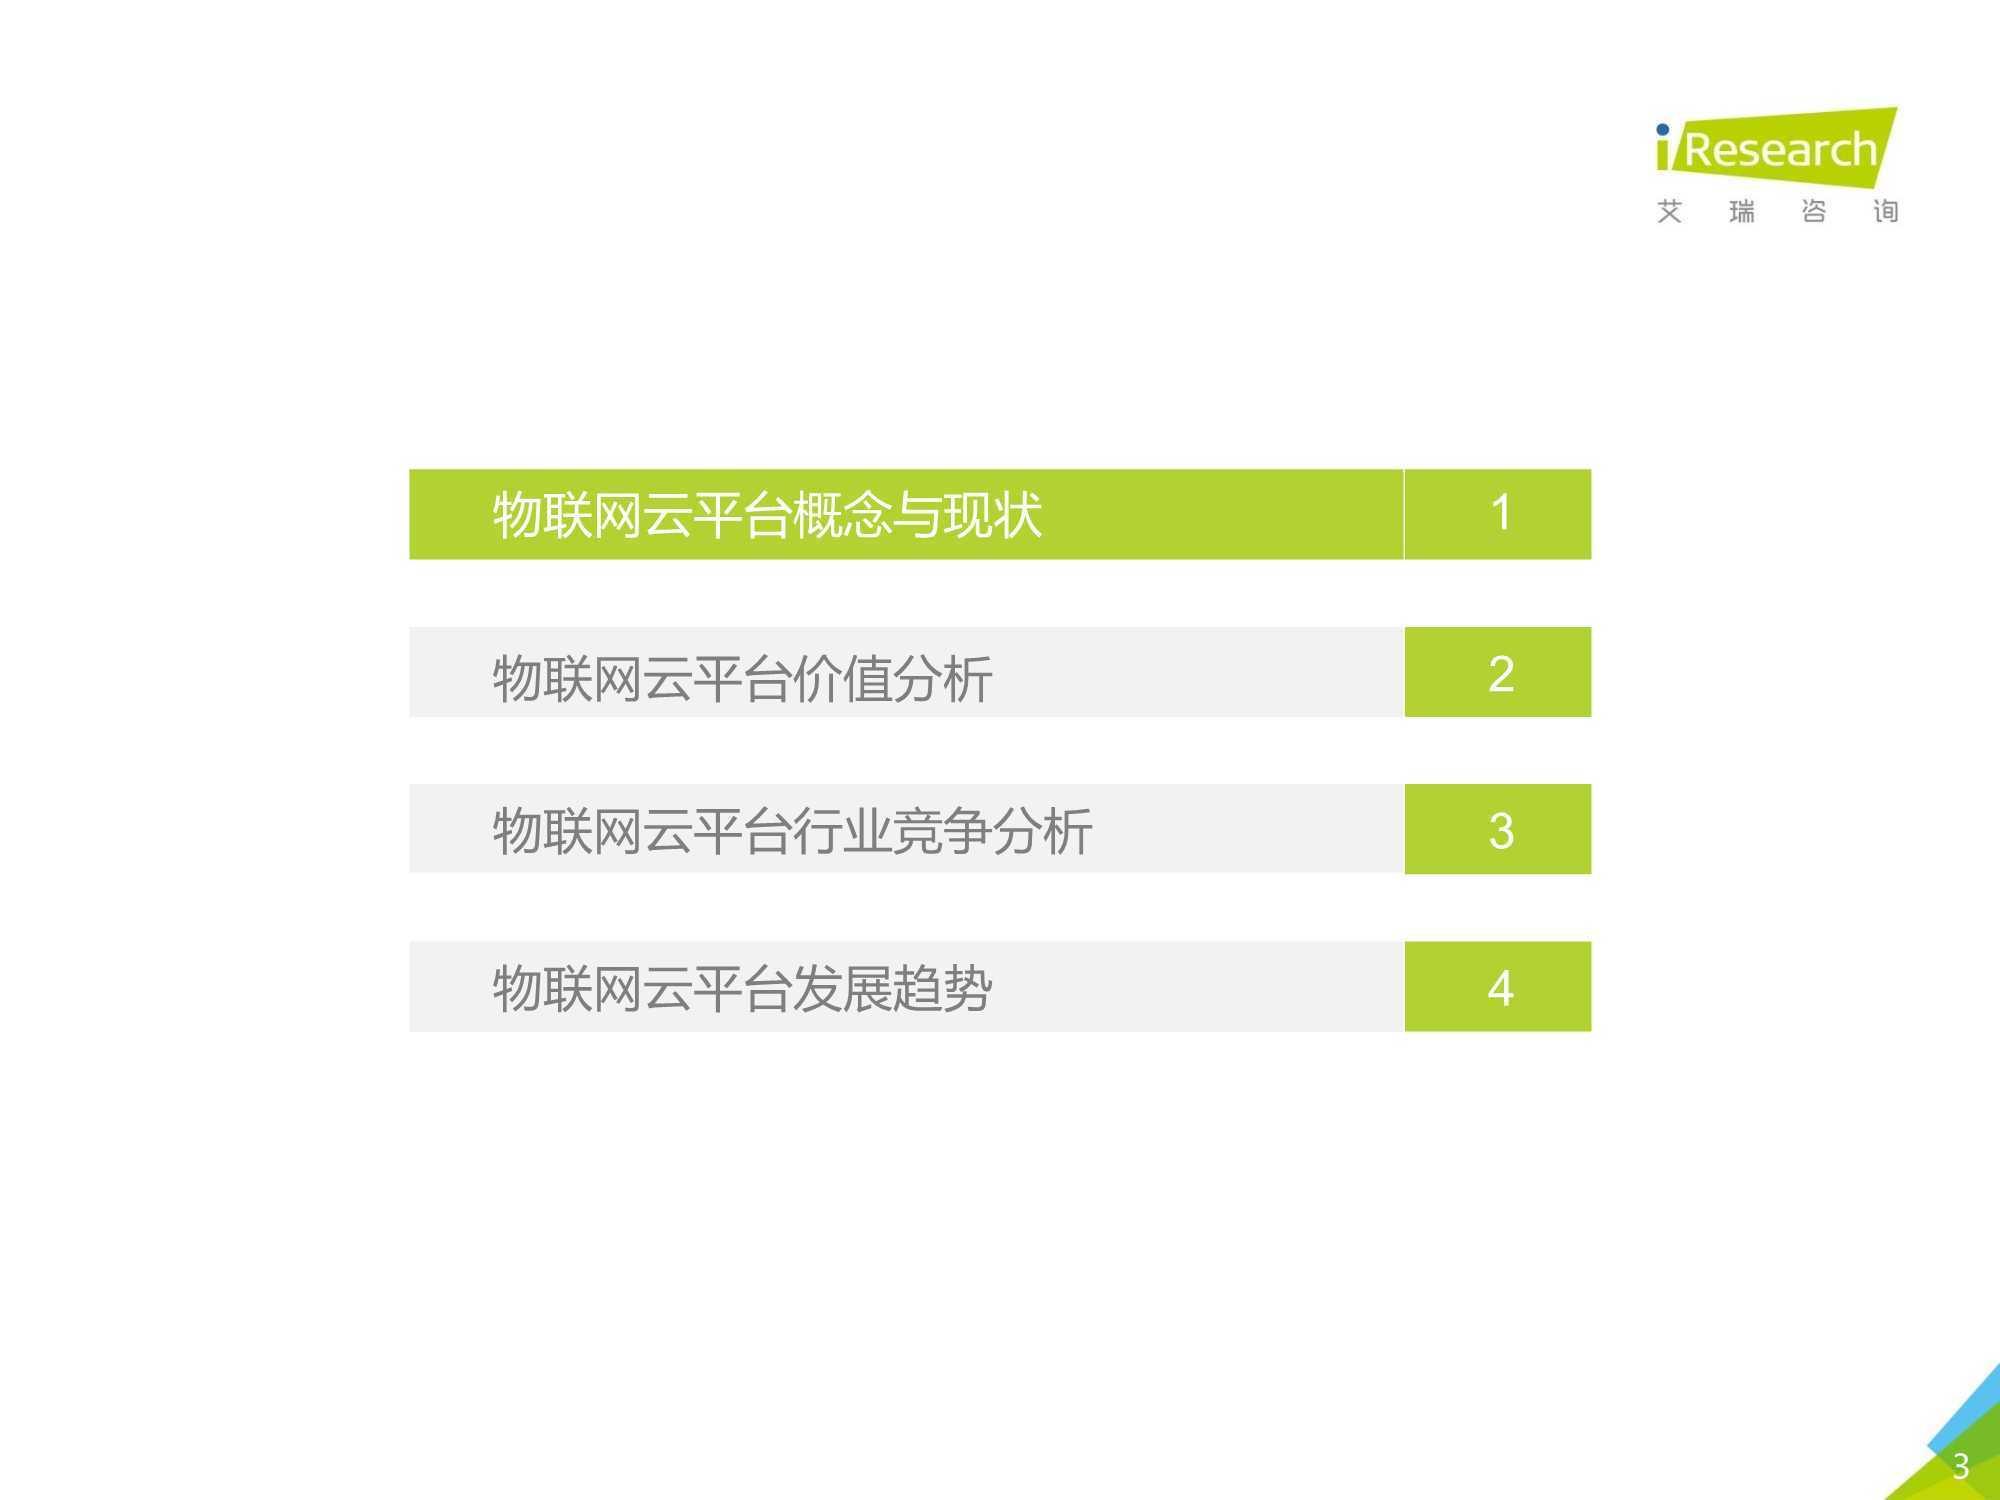 大数据研究报告,艾瑞咨询:2021年中国物联网云平台发展研究报告!